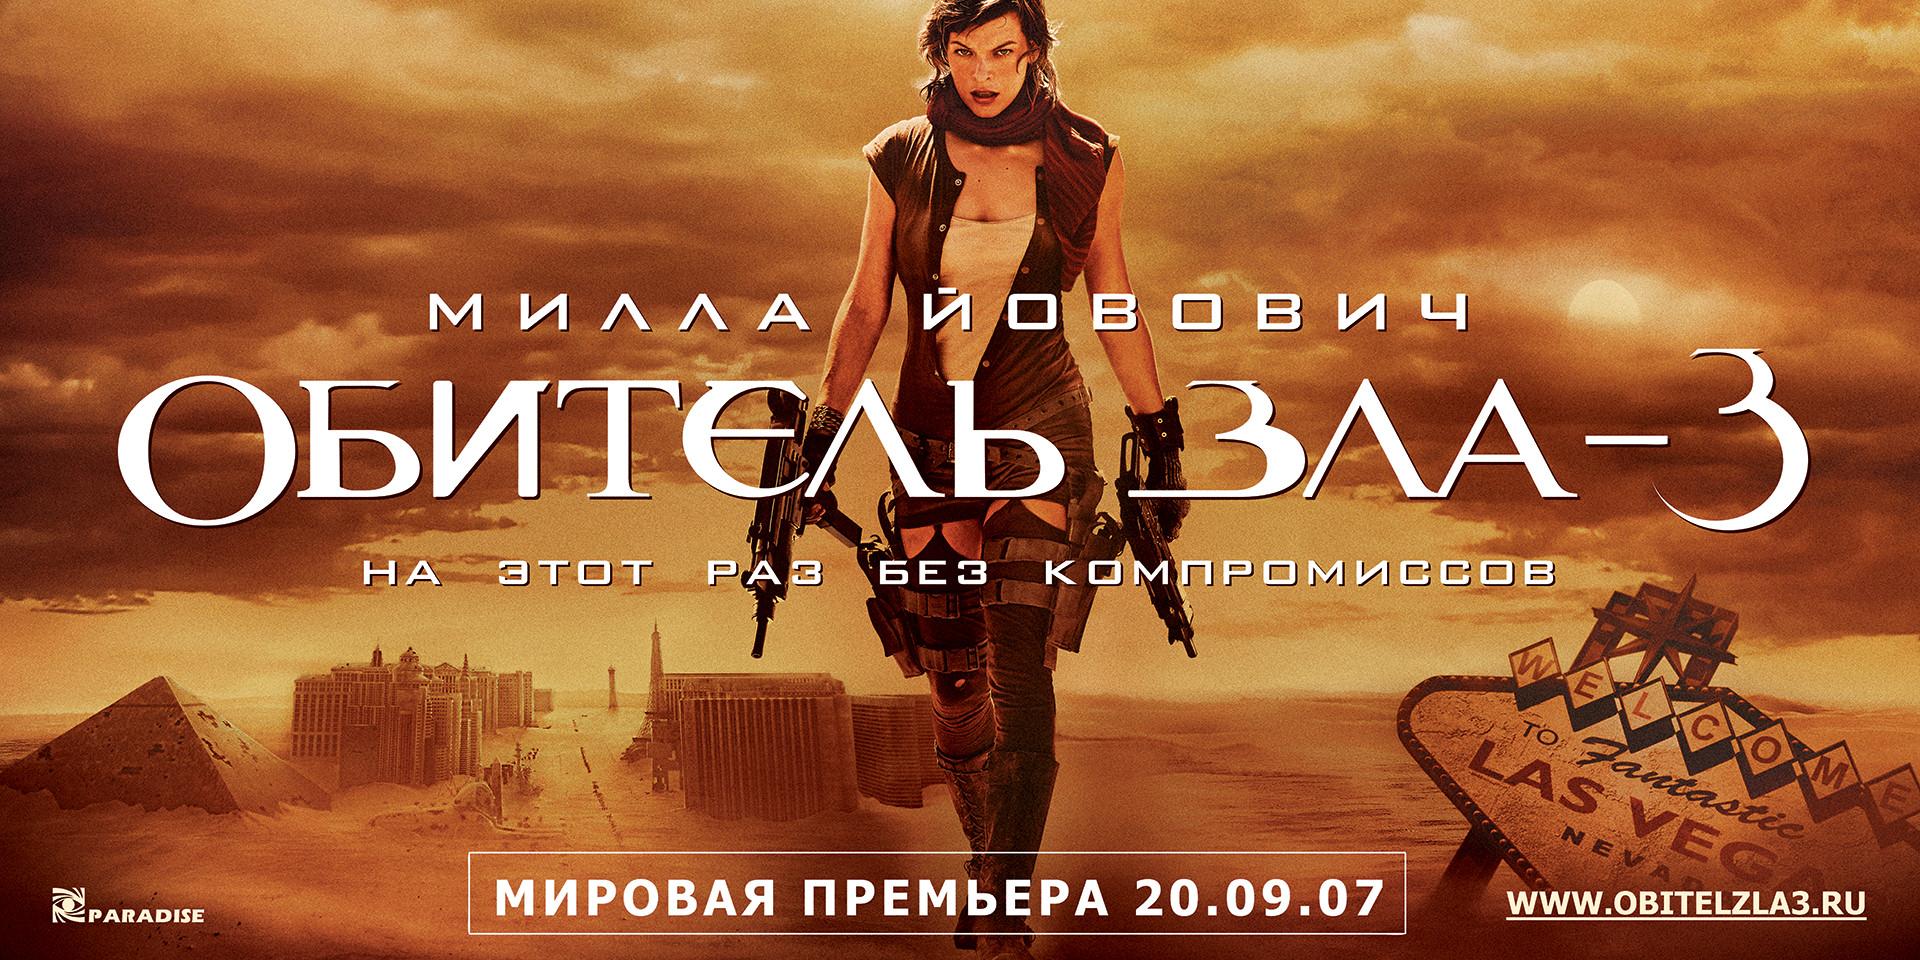 Обитель зла 3, постер № 6